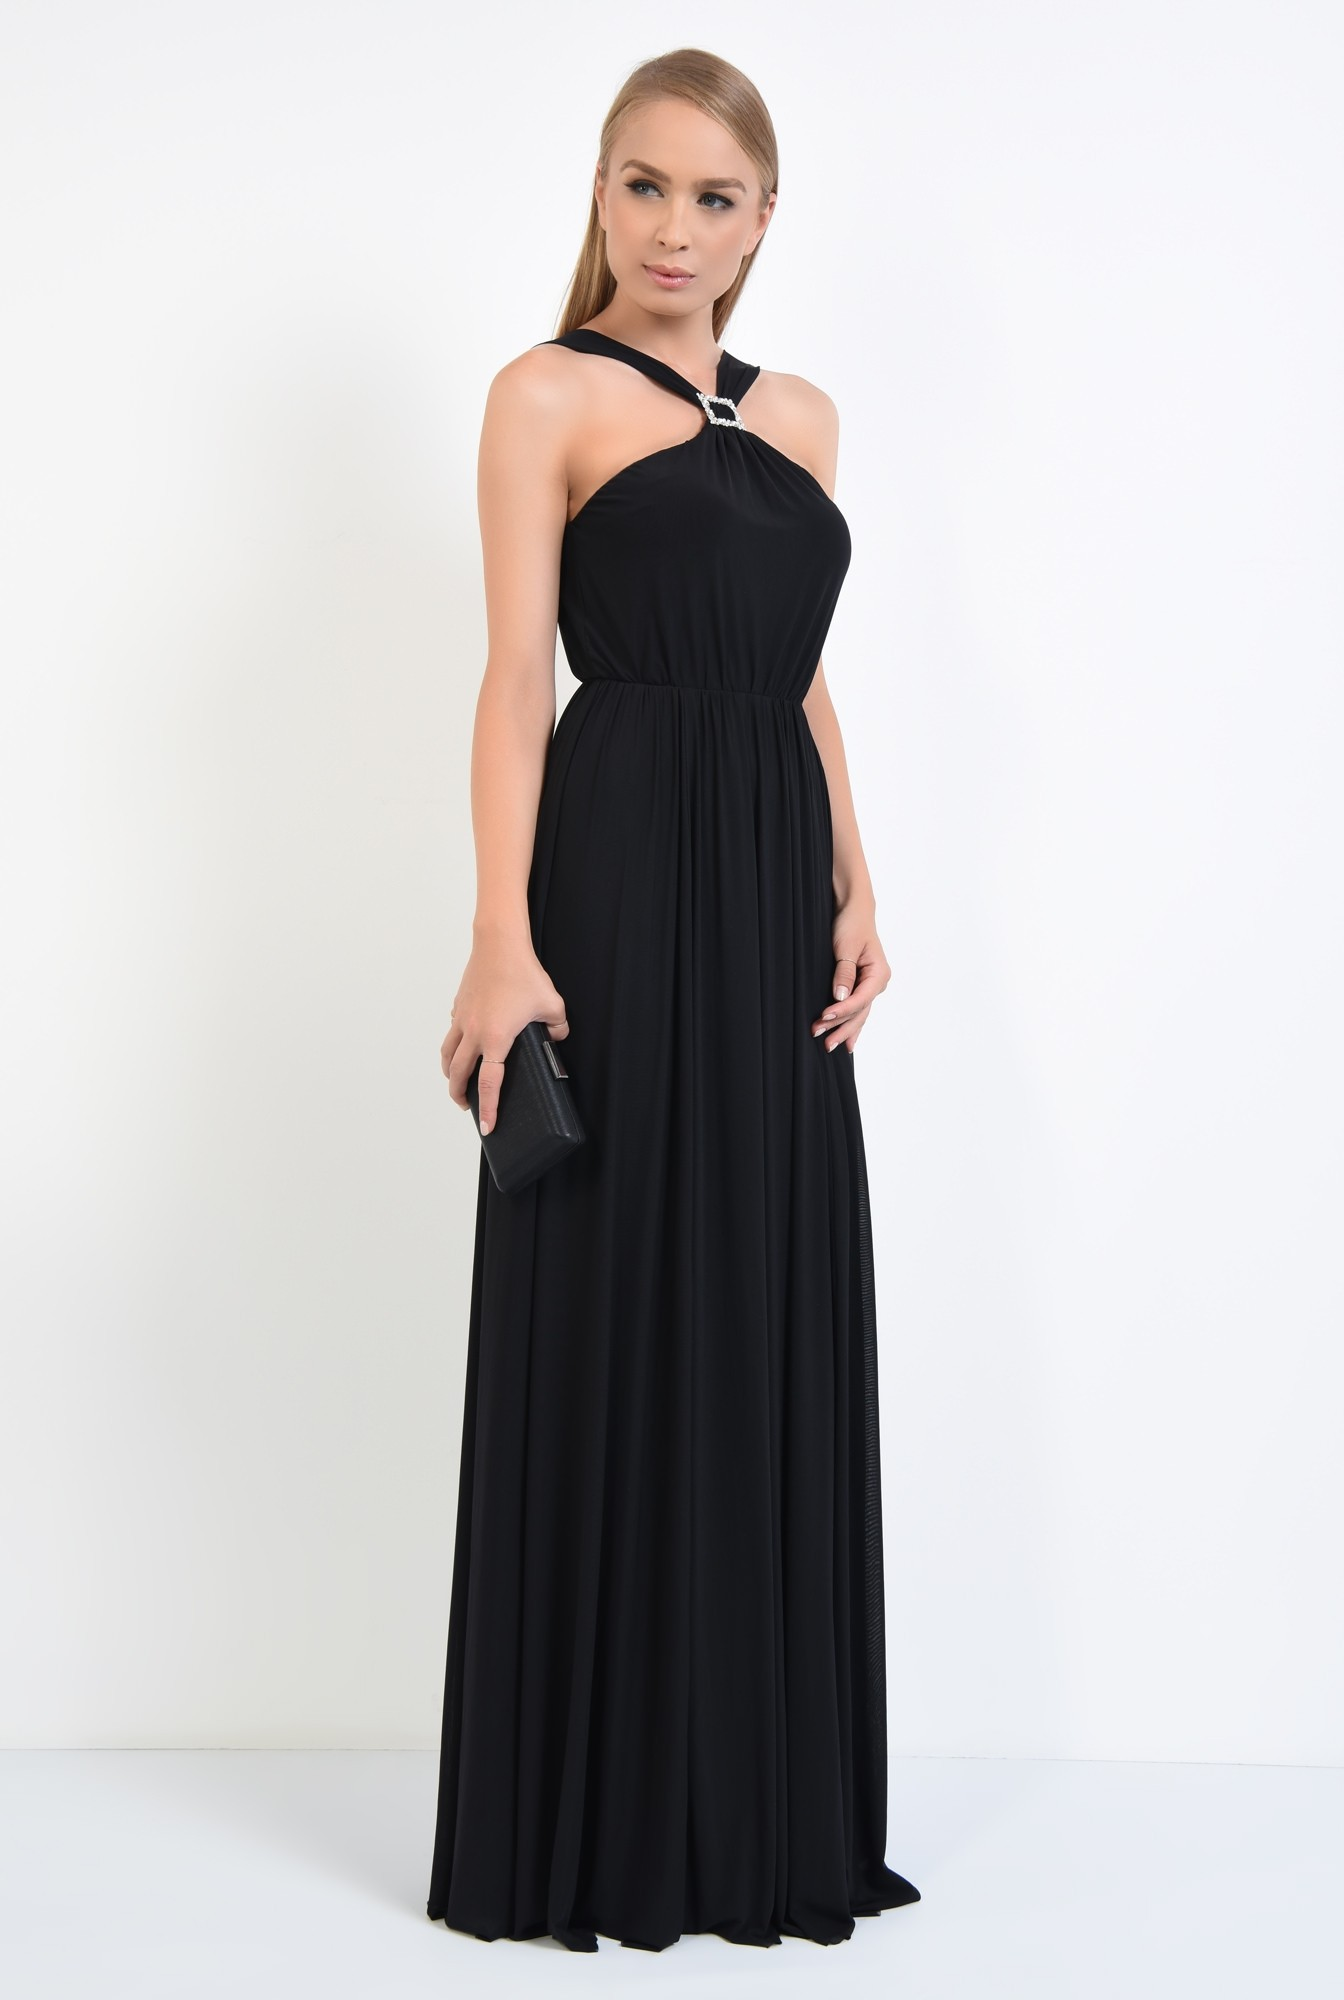 3 - rochie de ocazie cu bretele, catarama argintie, croi evazat, rochii online